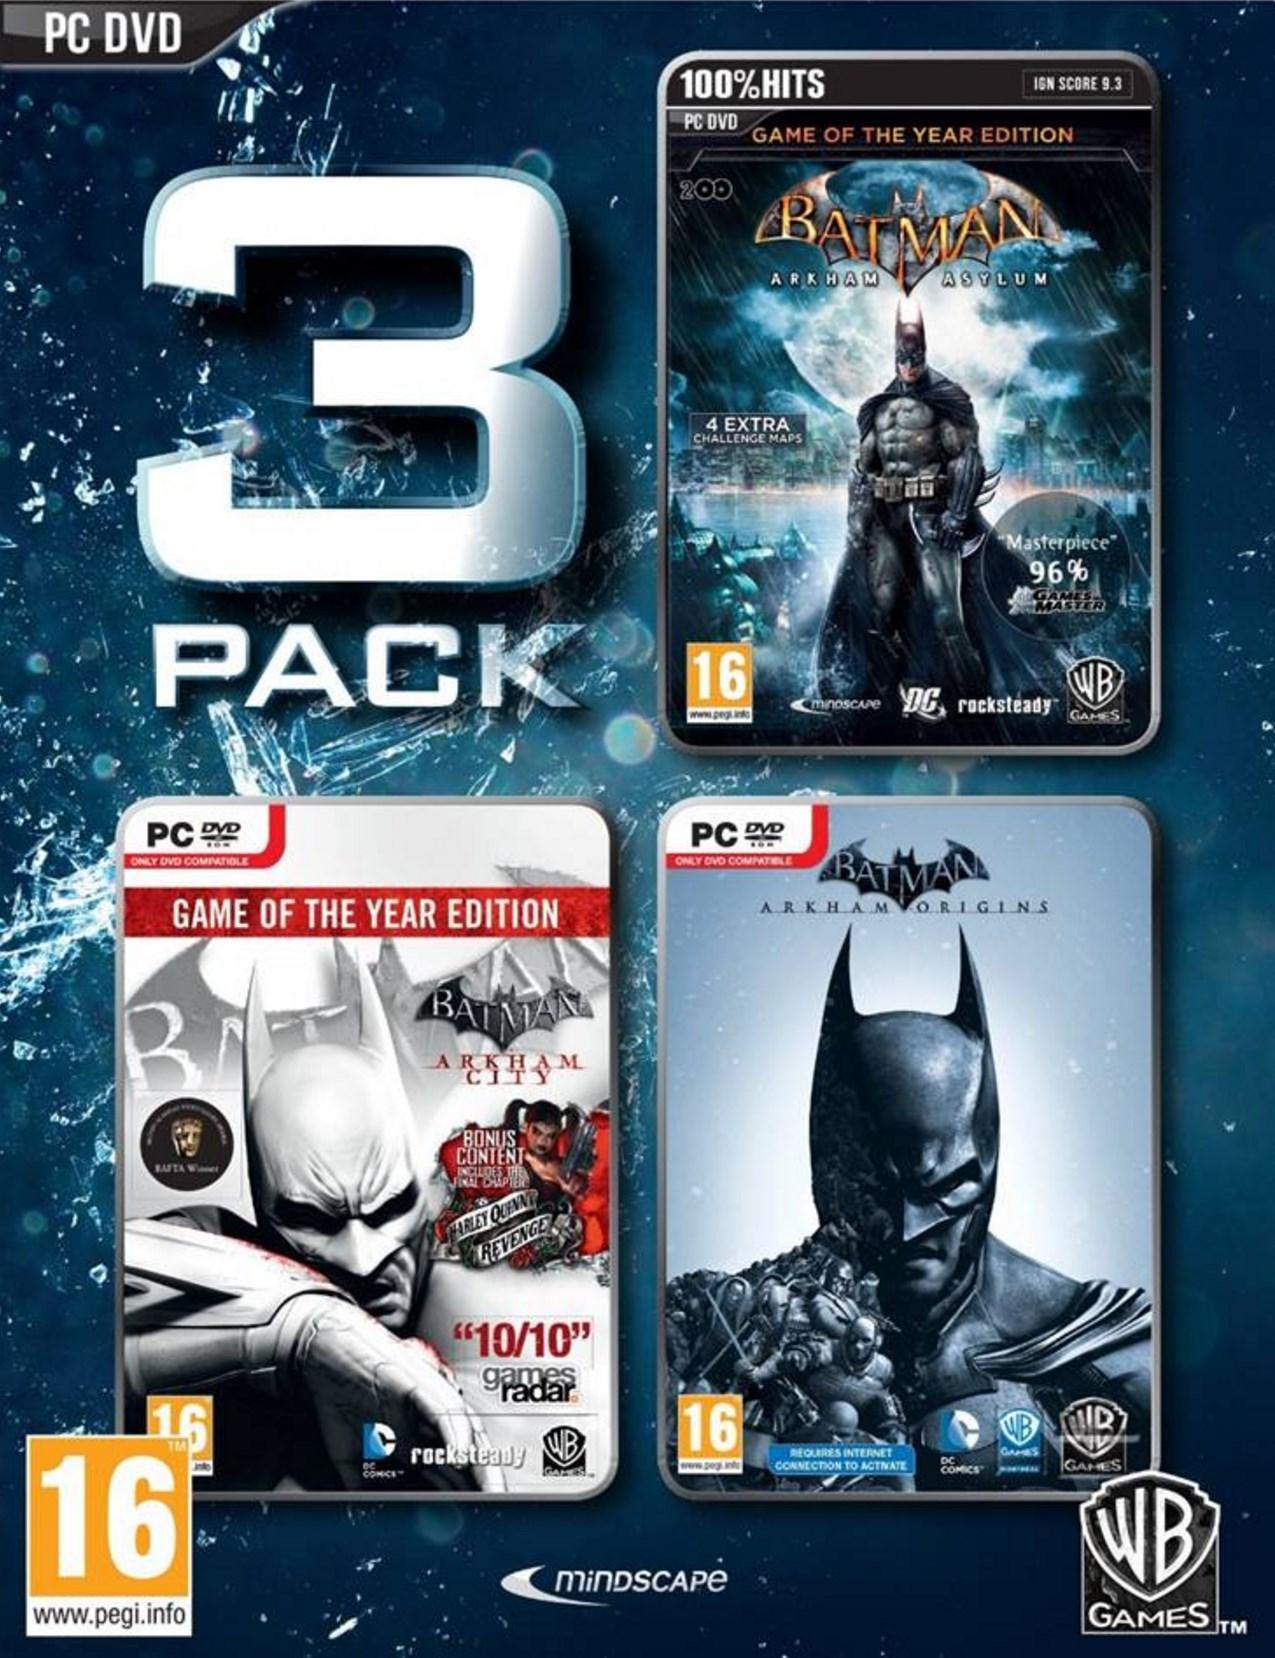 Sélection de jeux video en promotion - Ex : Trilogie Batman Arkham sur PC